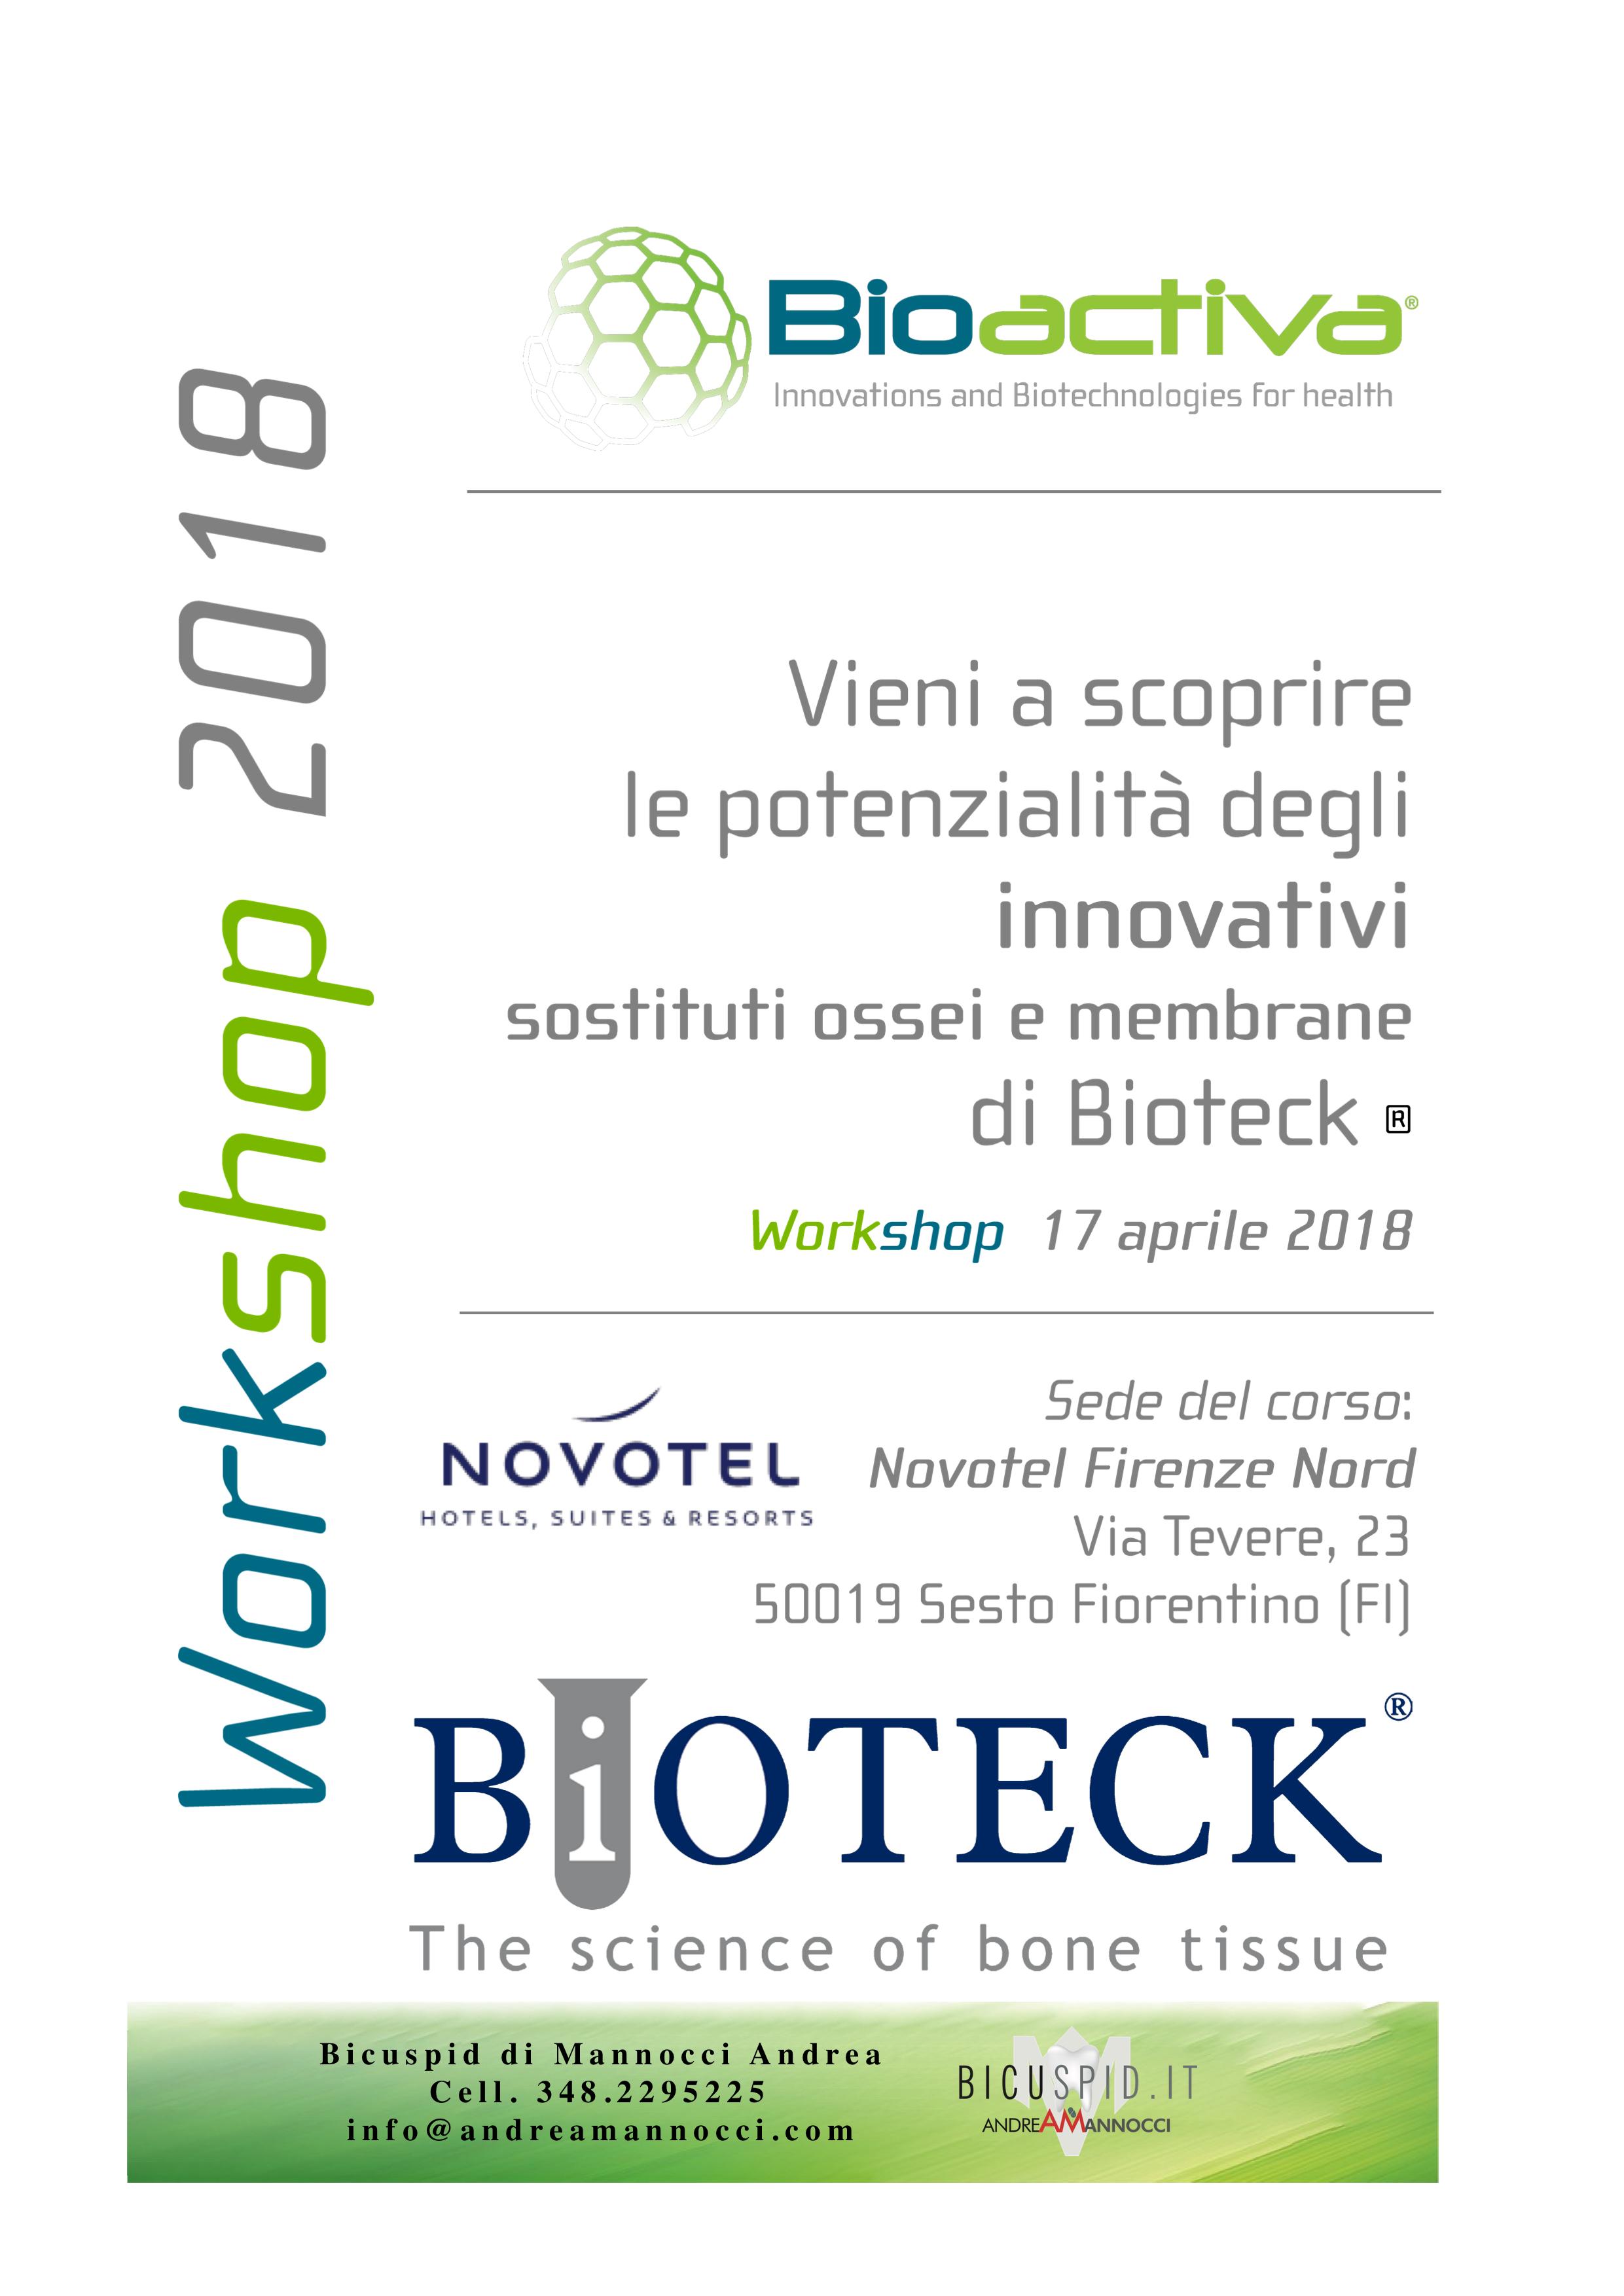 Bioteck corso pratico su sostituti ossei e membrane